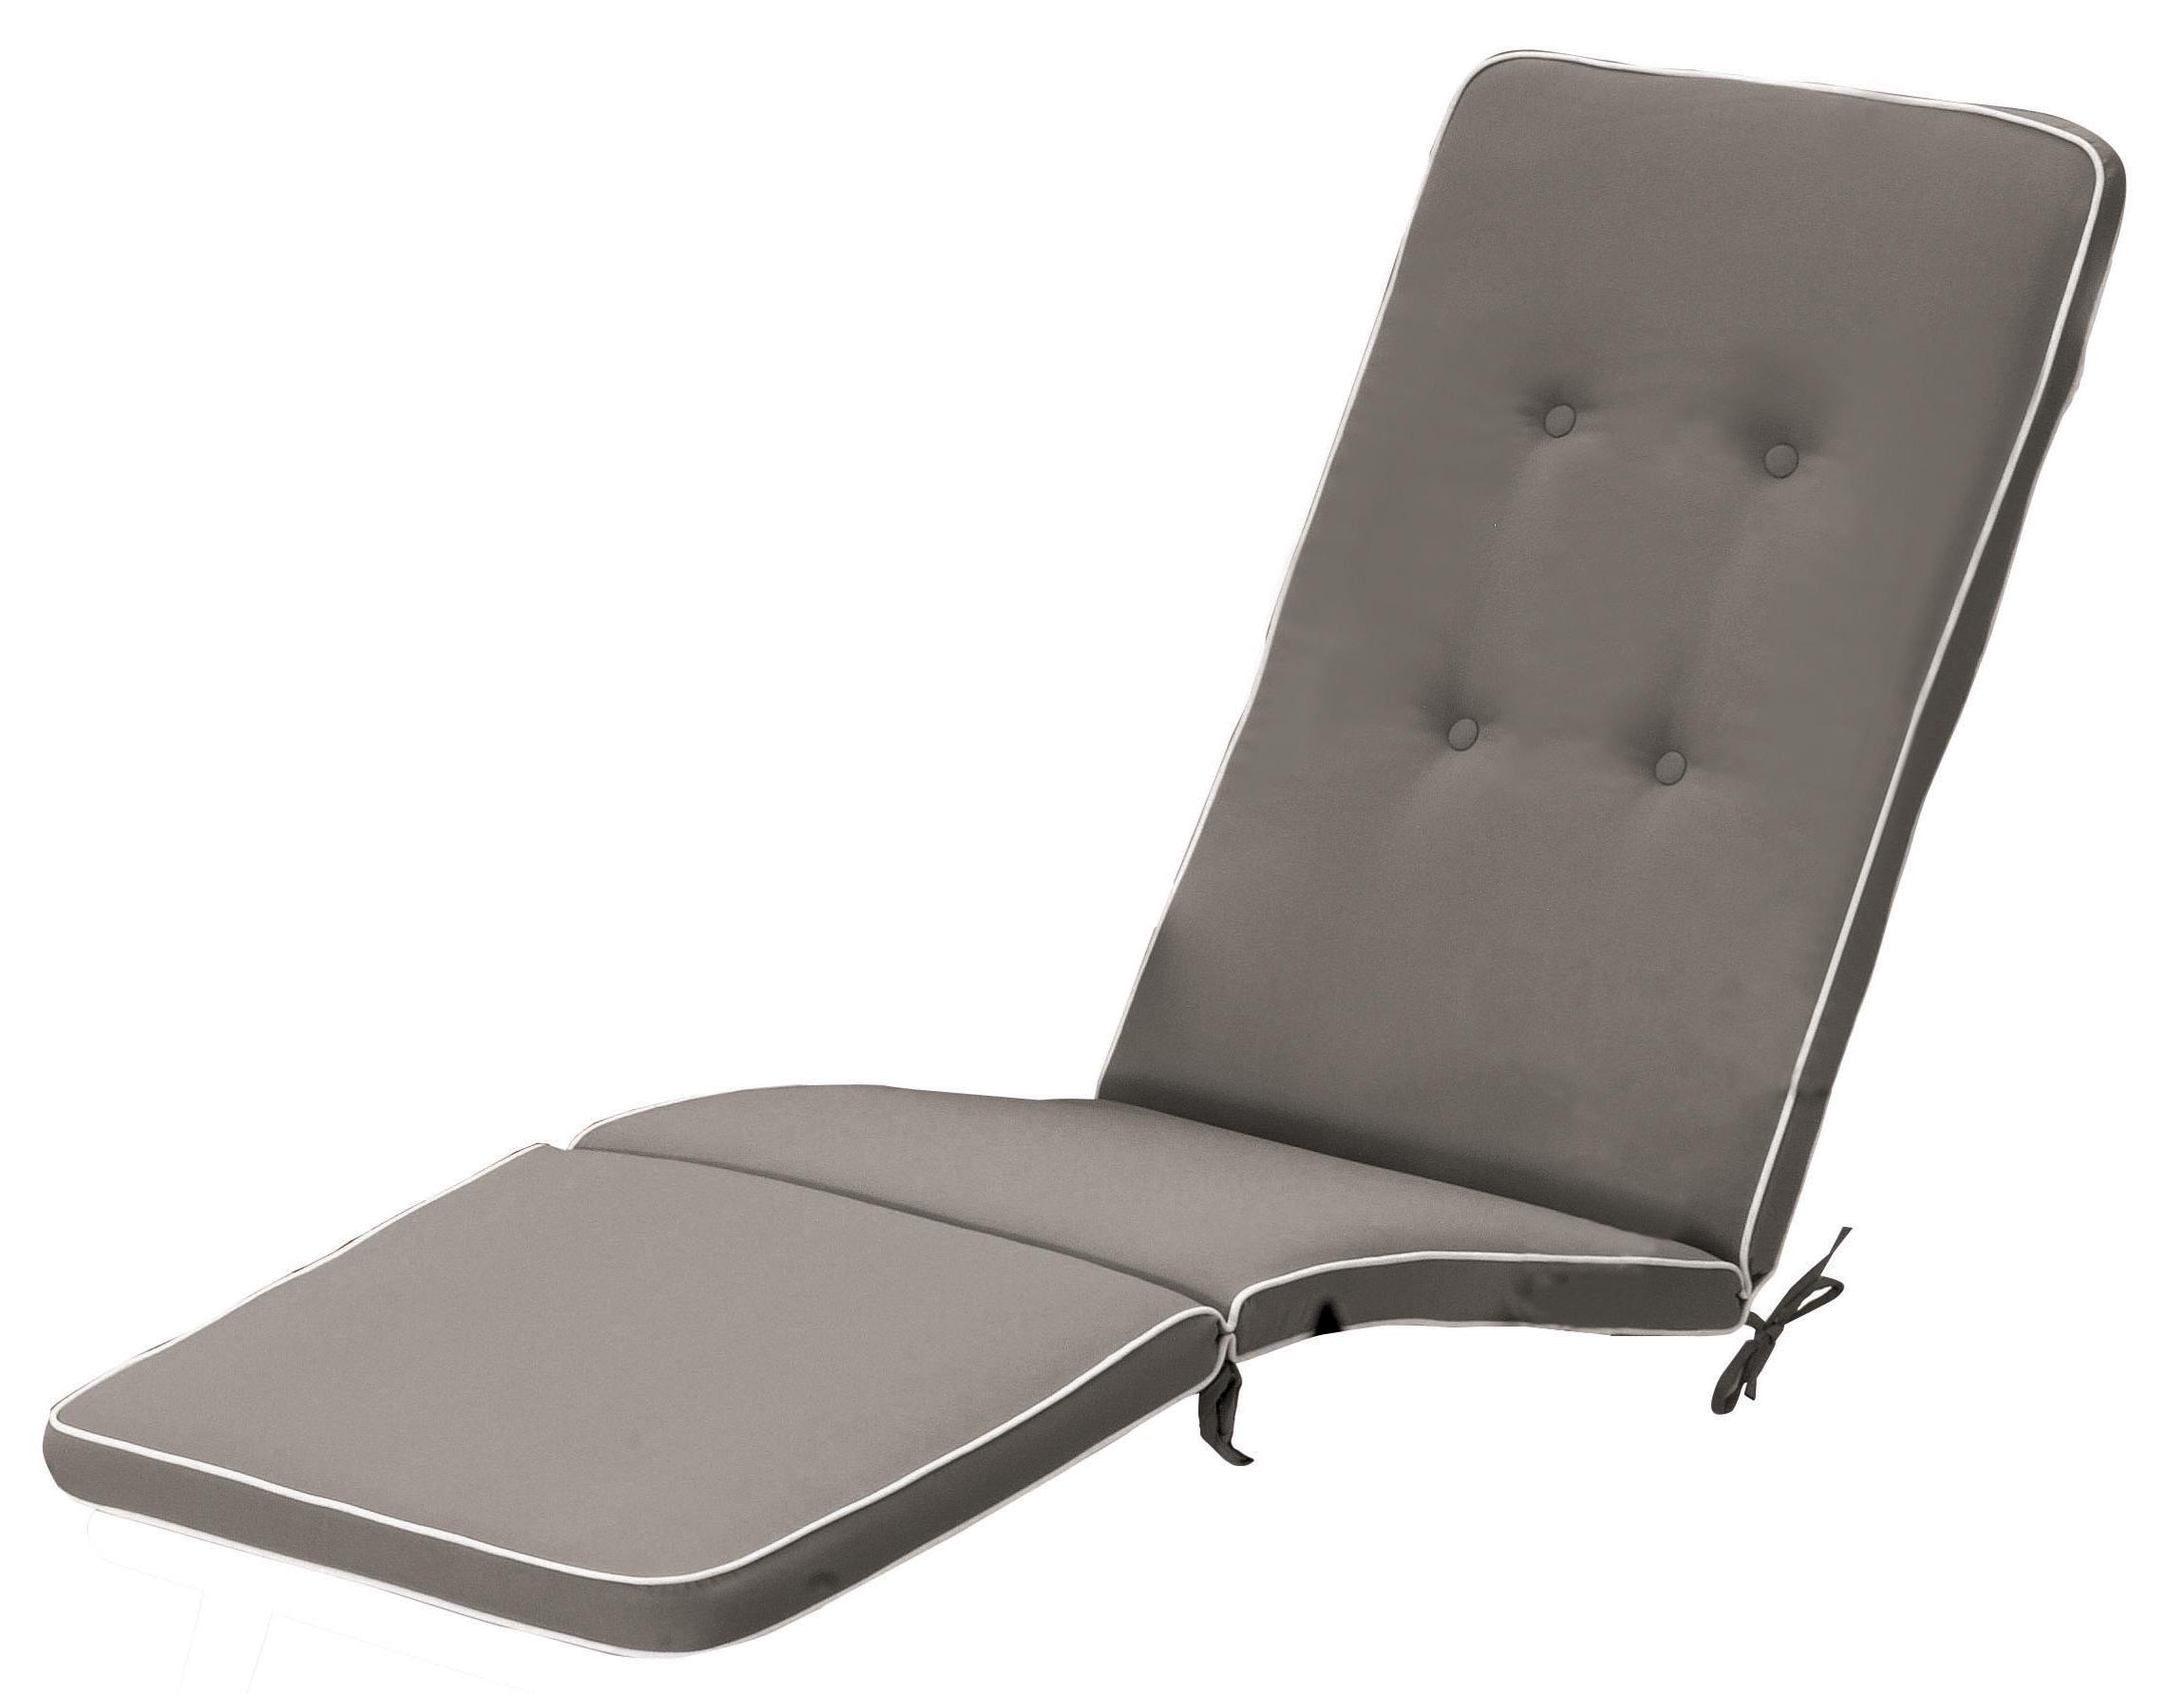 Cuscino per deckchair con bordino decorativo